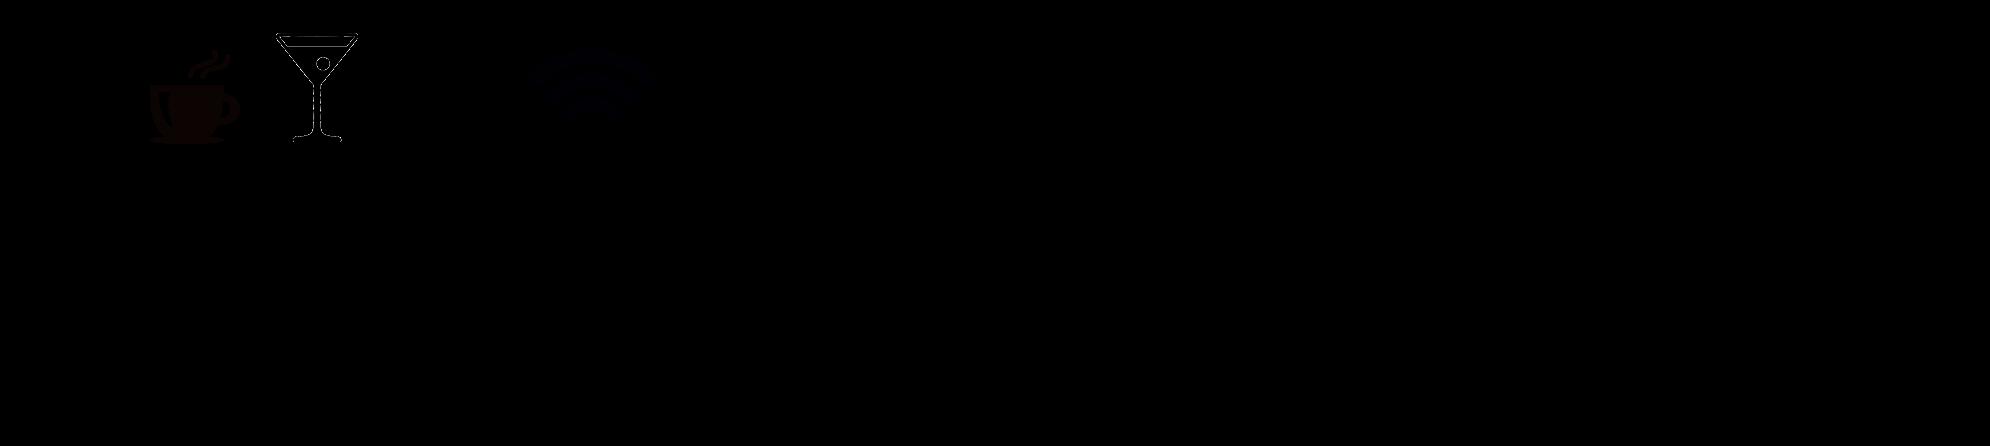 Iconos-sitio-web